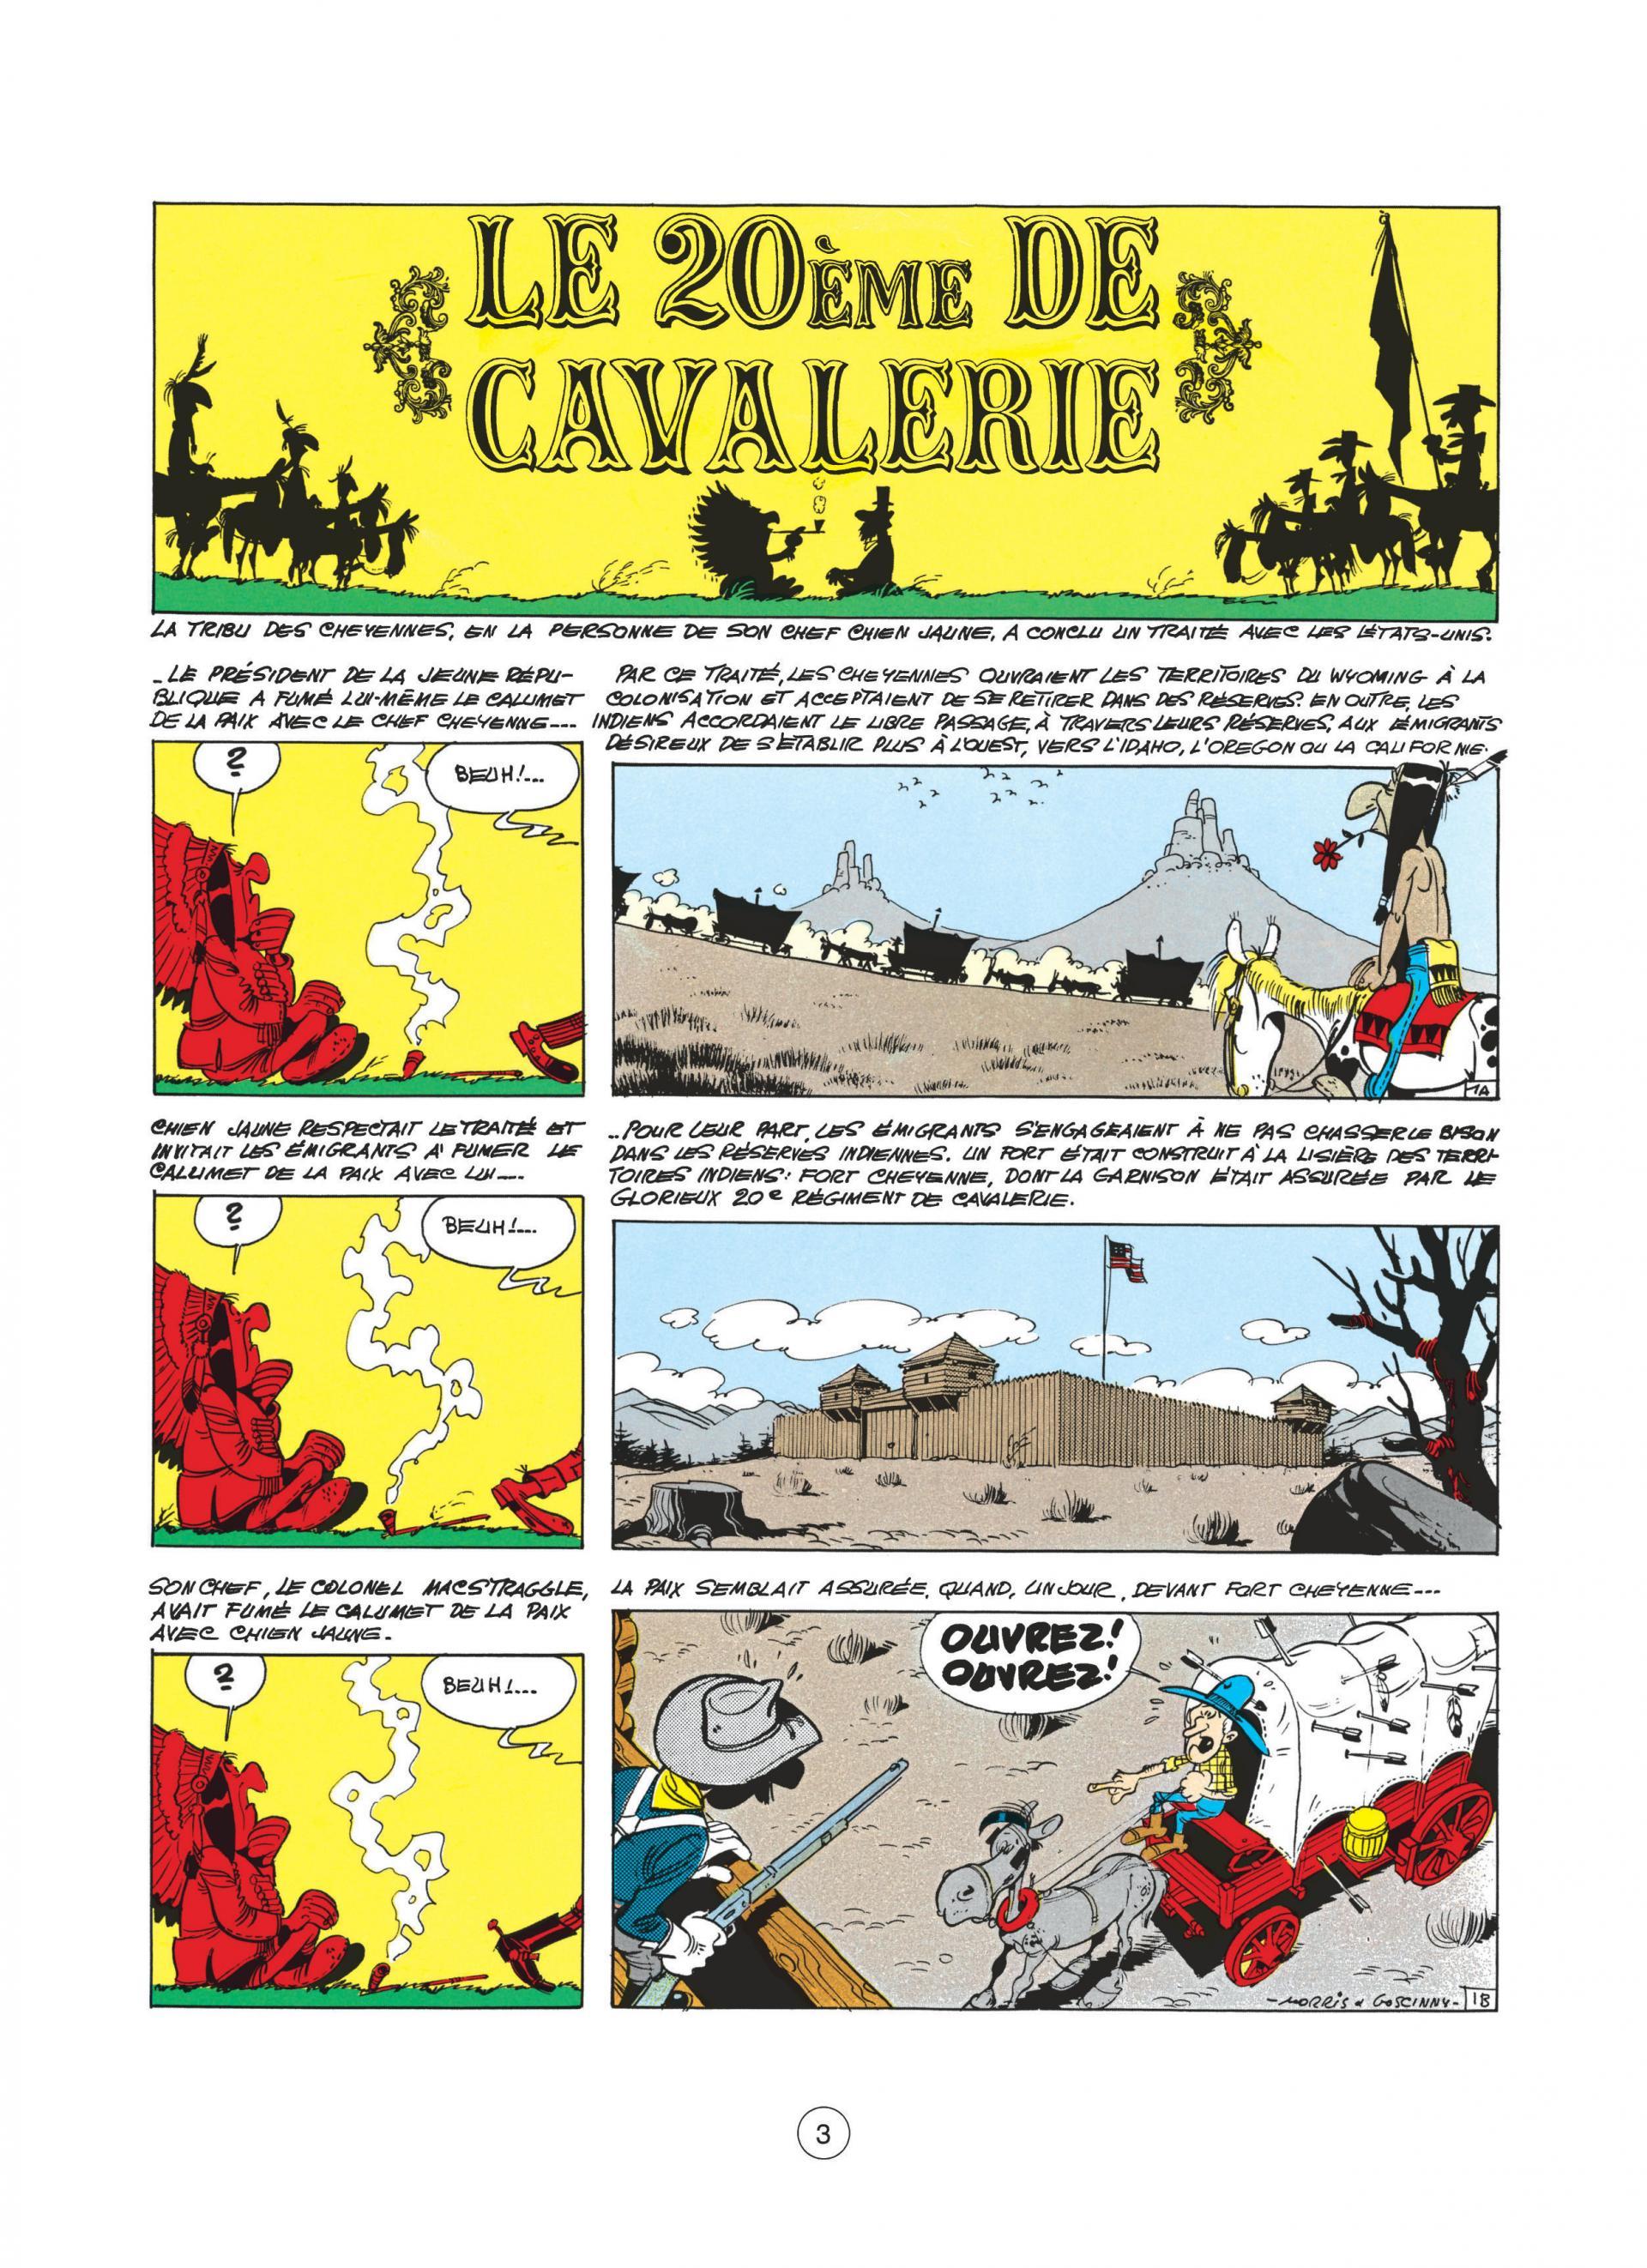 Le vingtième de cavalerie